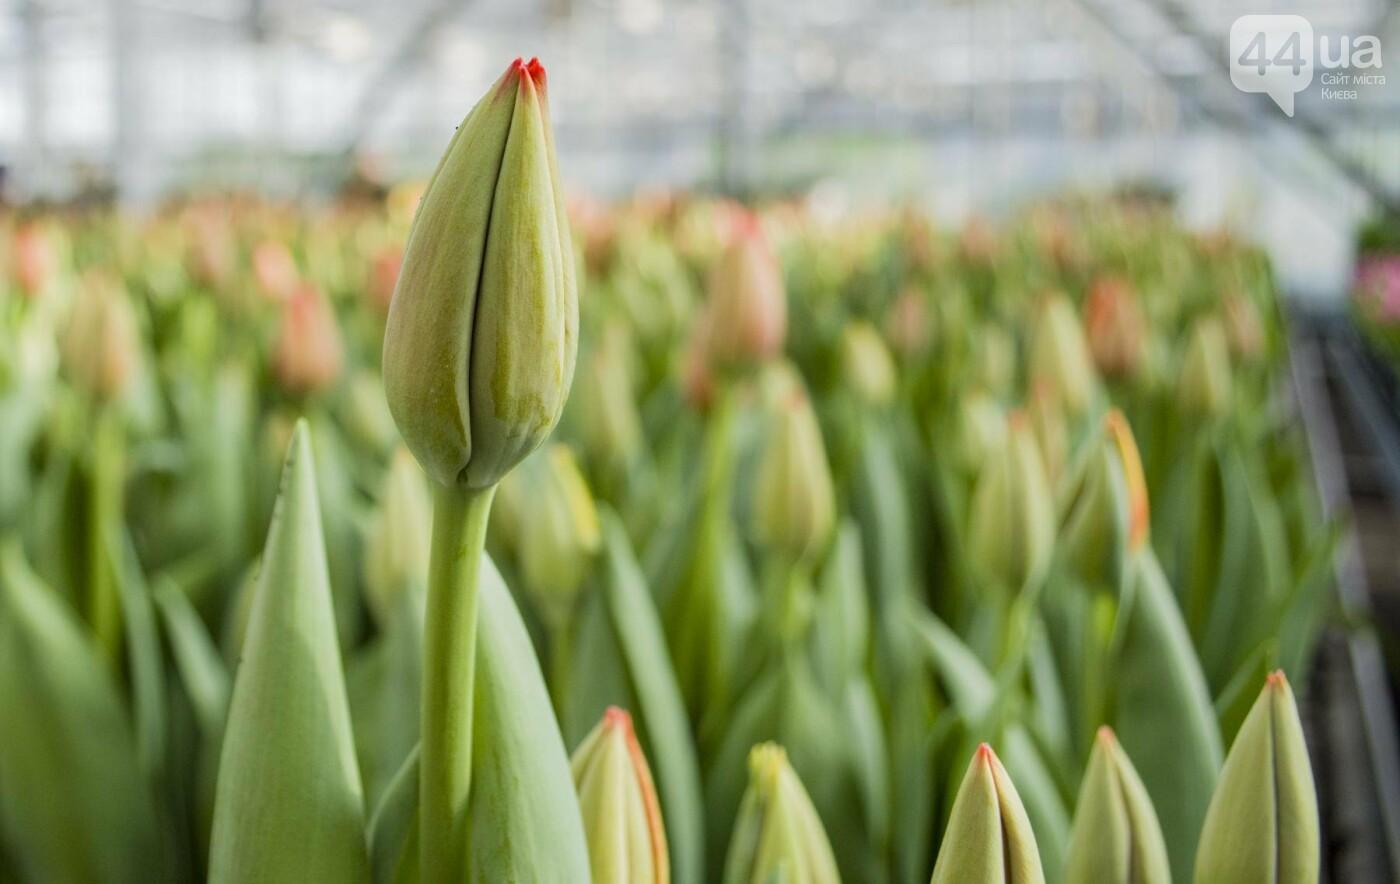 Цветочный рай: в киевской оранжерее зацвели десятки тысяч тюльпанов, фото-12